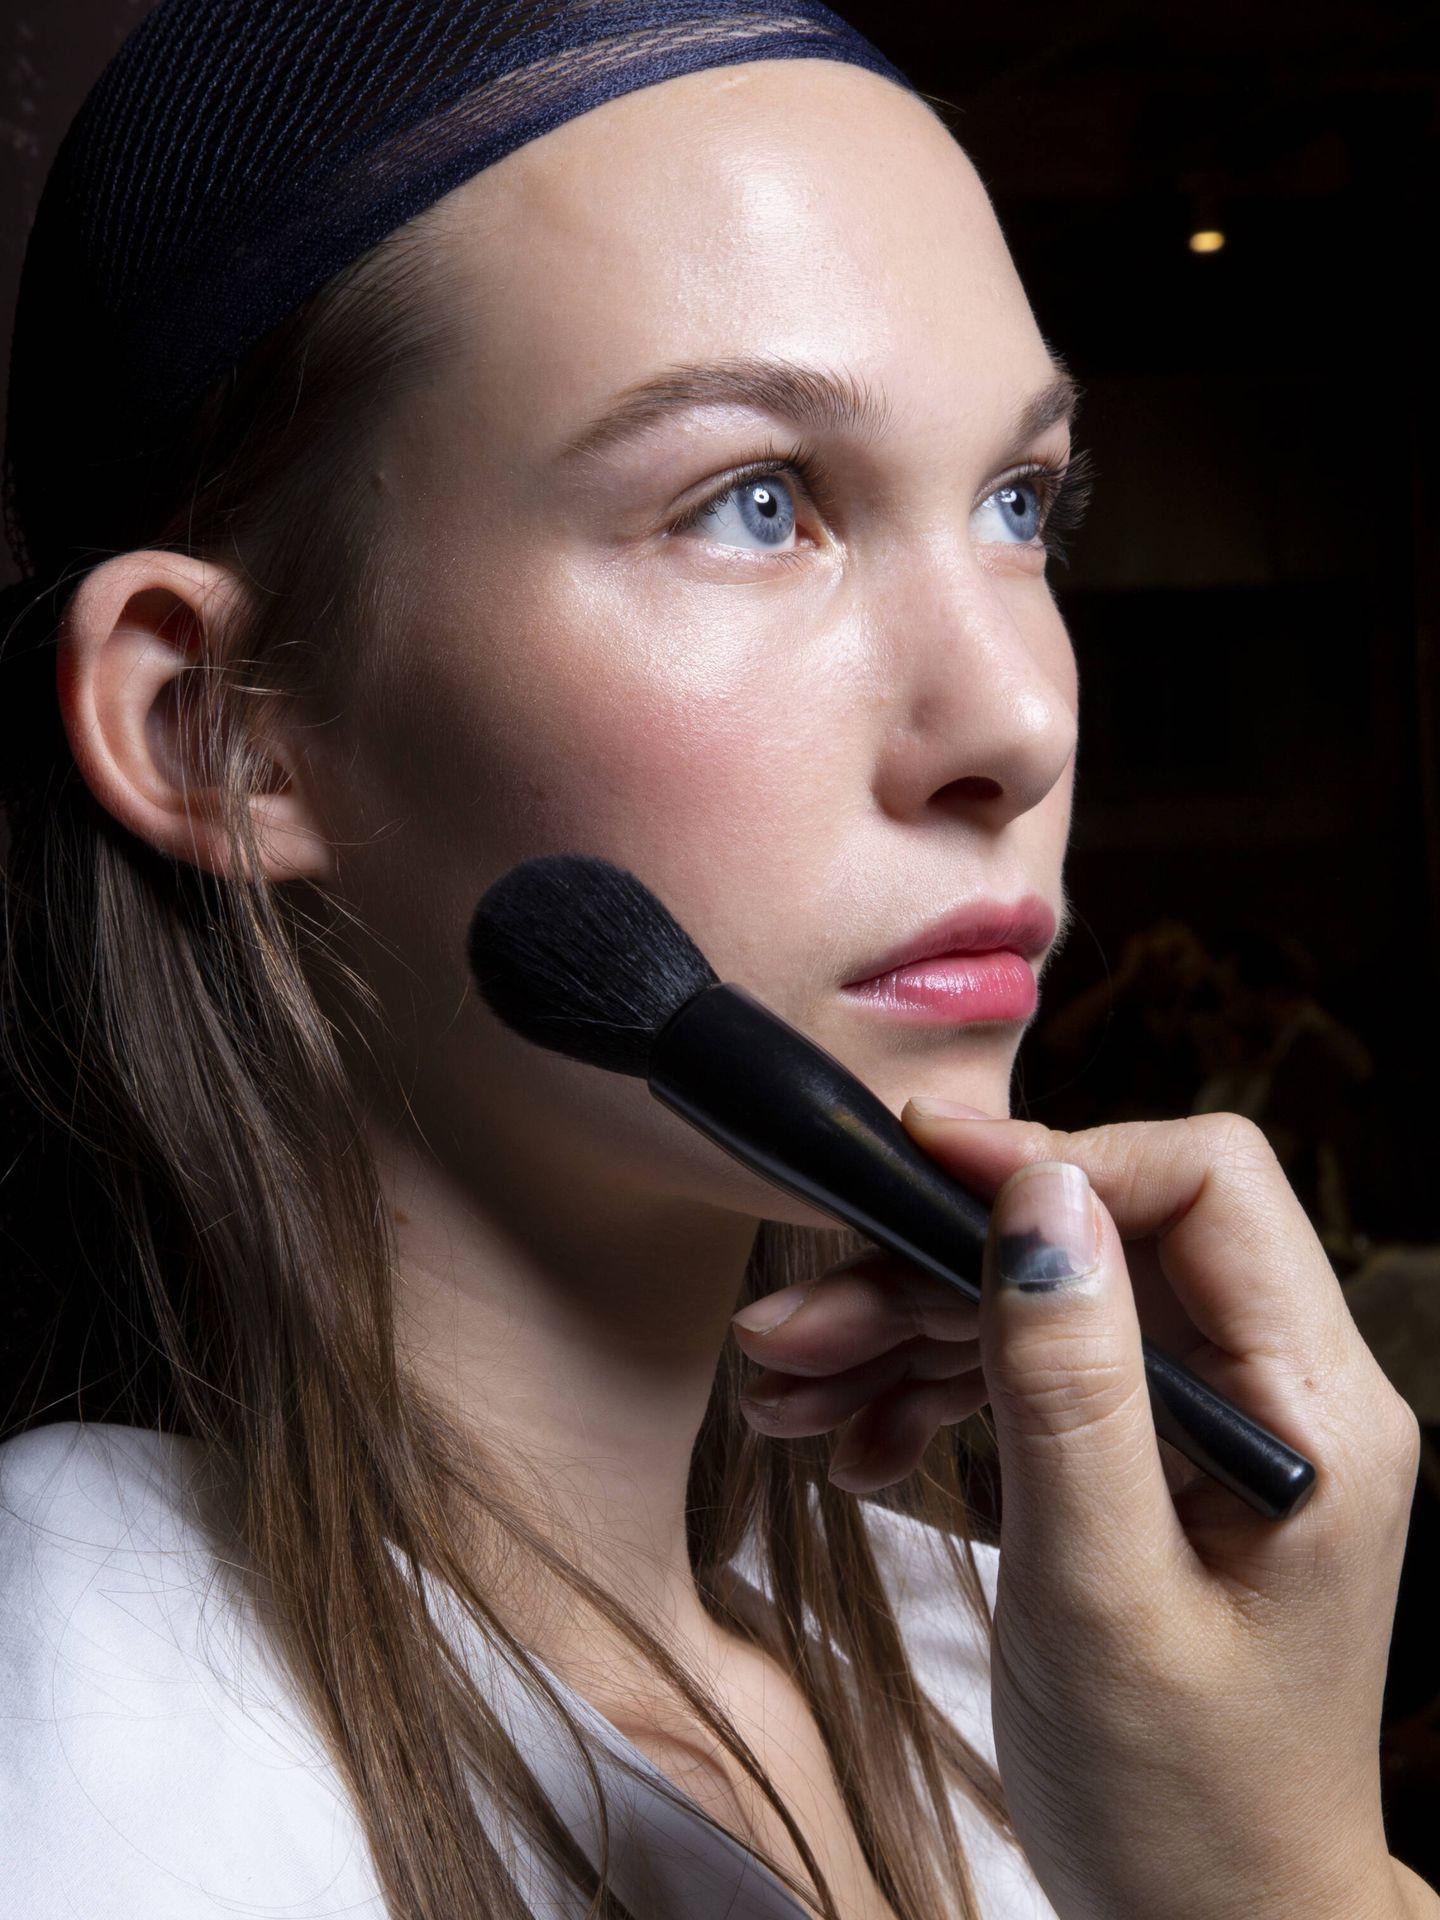 Aplicar un poco de vaselina próxima a la raíz del cabello evita que el tinte manche la piel. (Imaxtree)